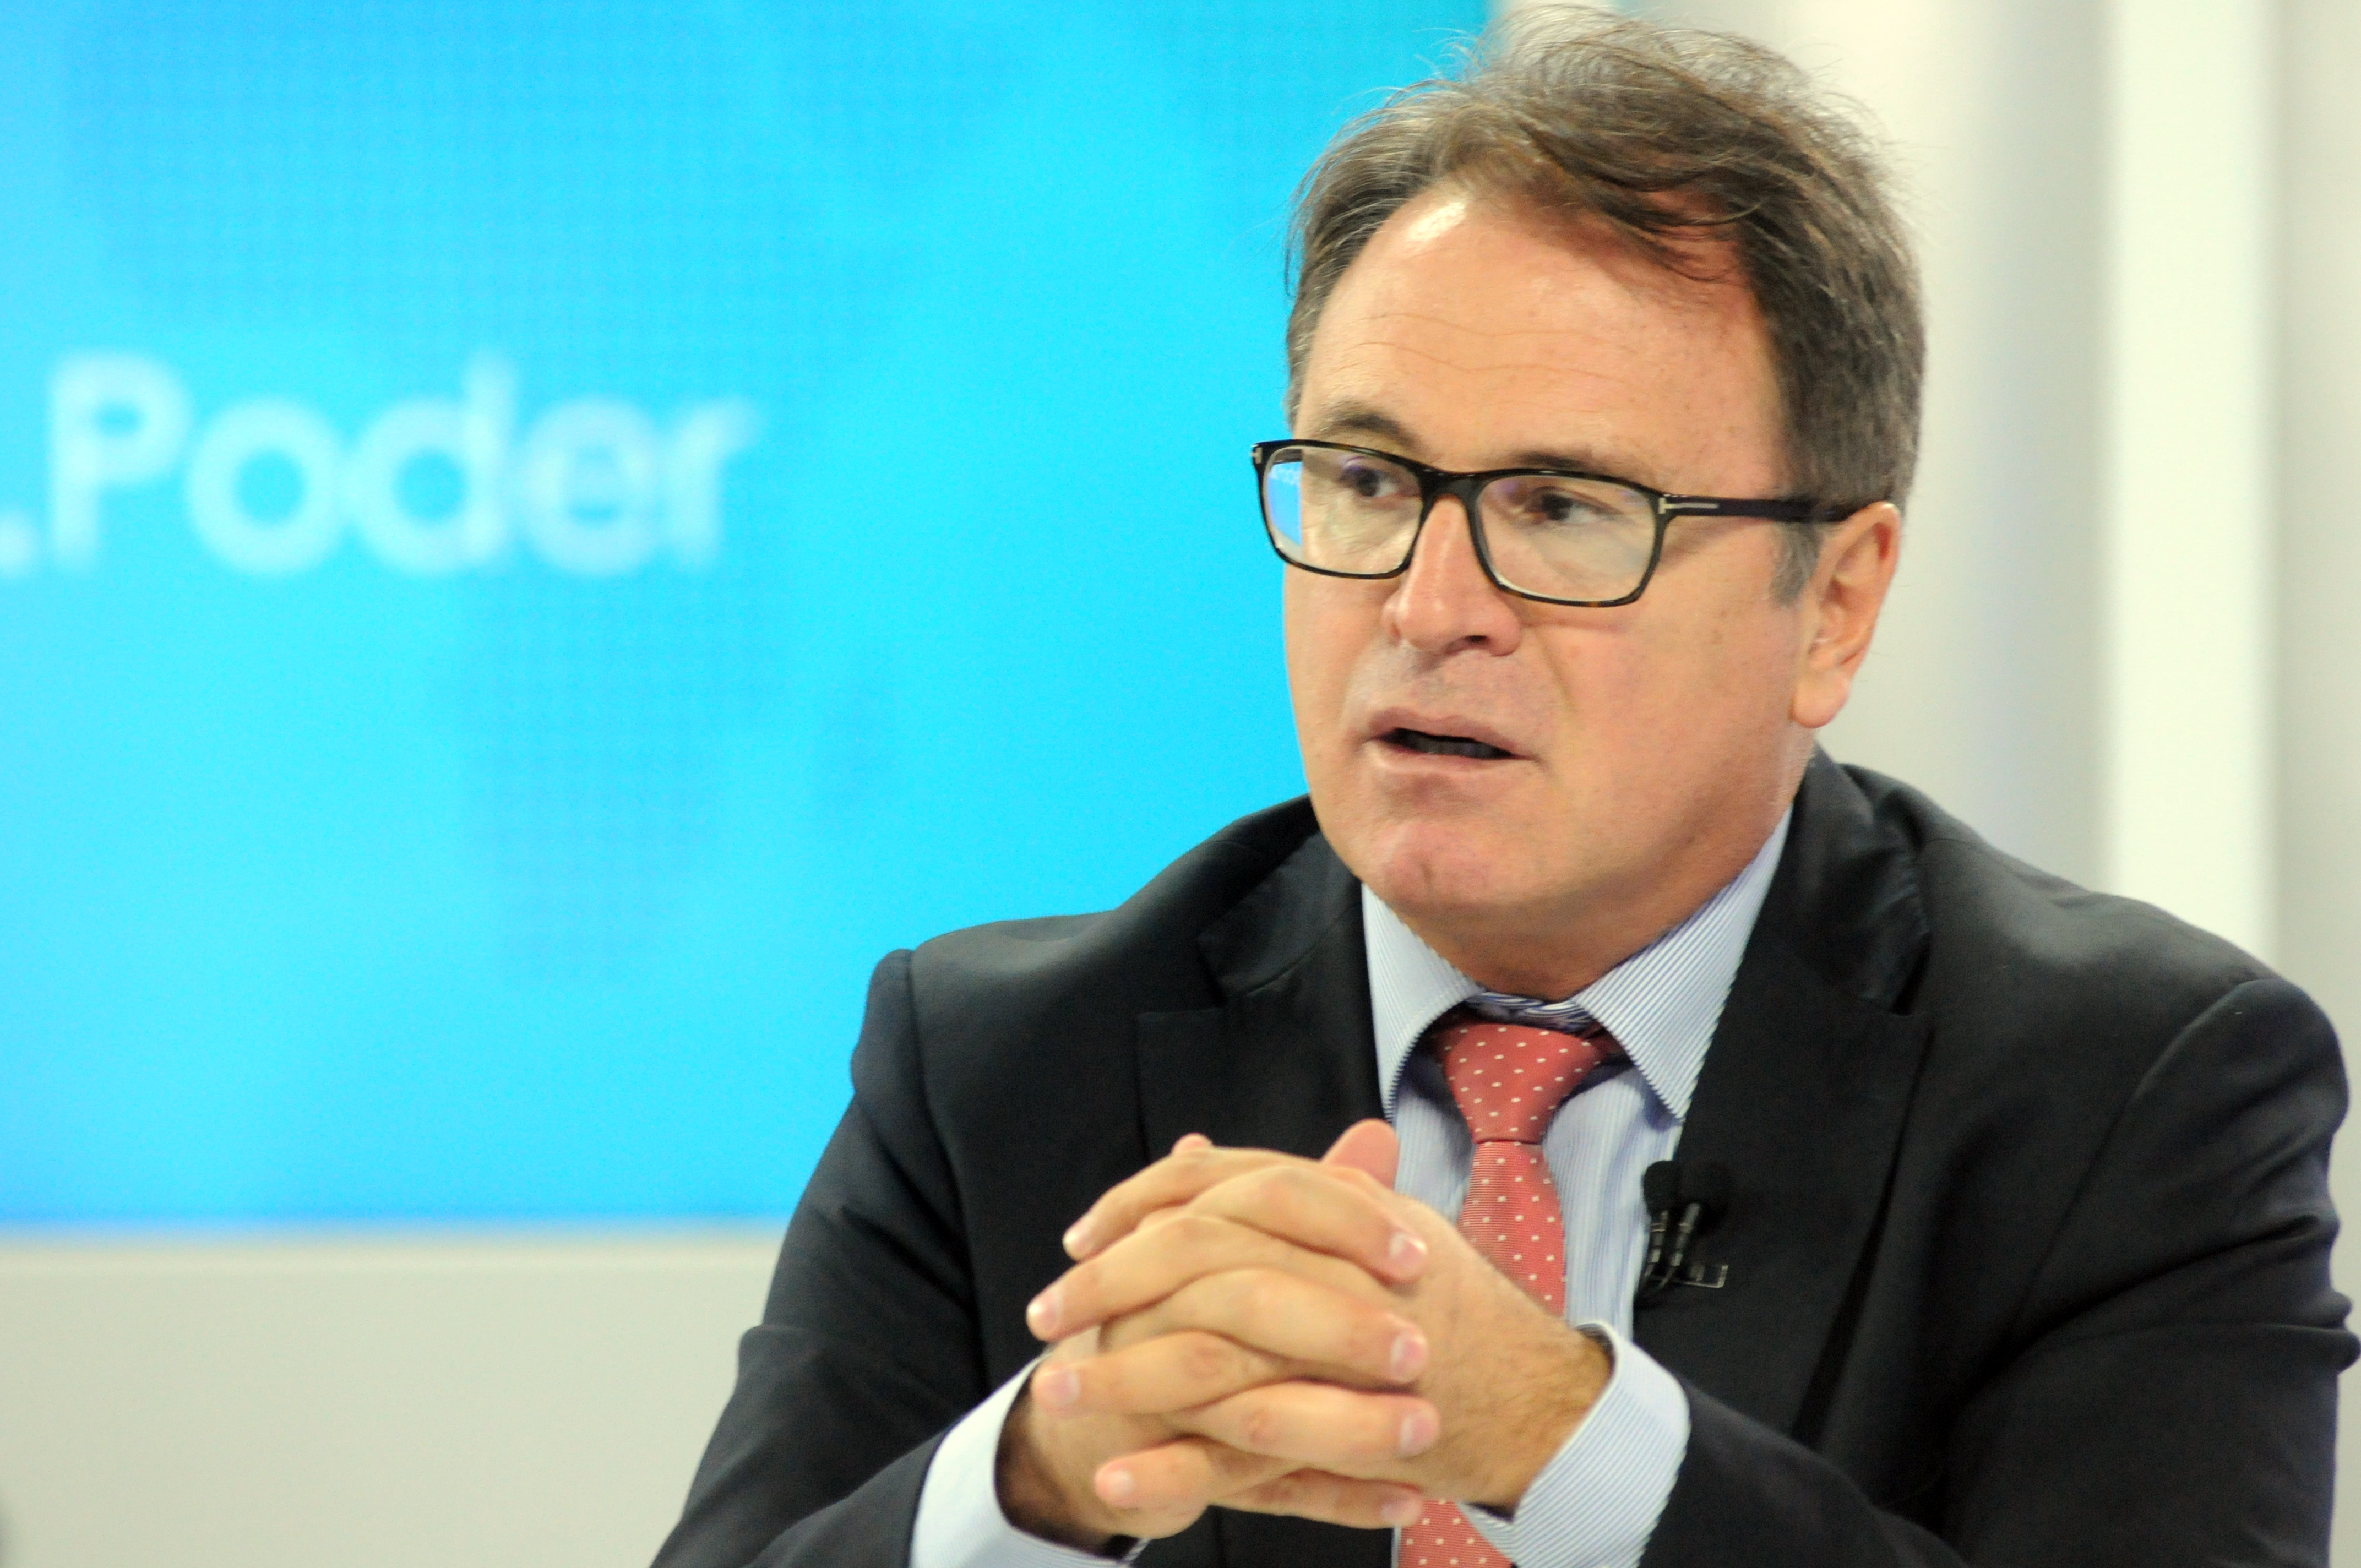 Presidente da Embratur afirma que o turismo pode triplicar o faturamento do país. Foto: Antonio Cunha/Correio Braziliense